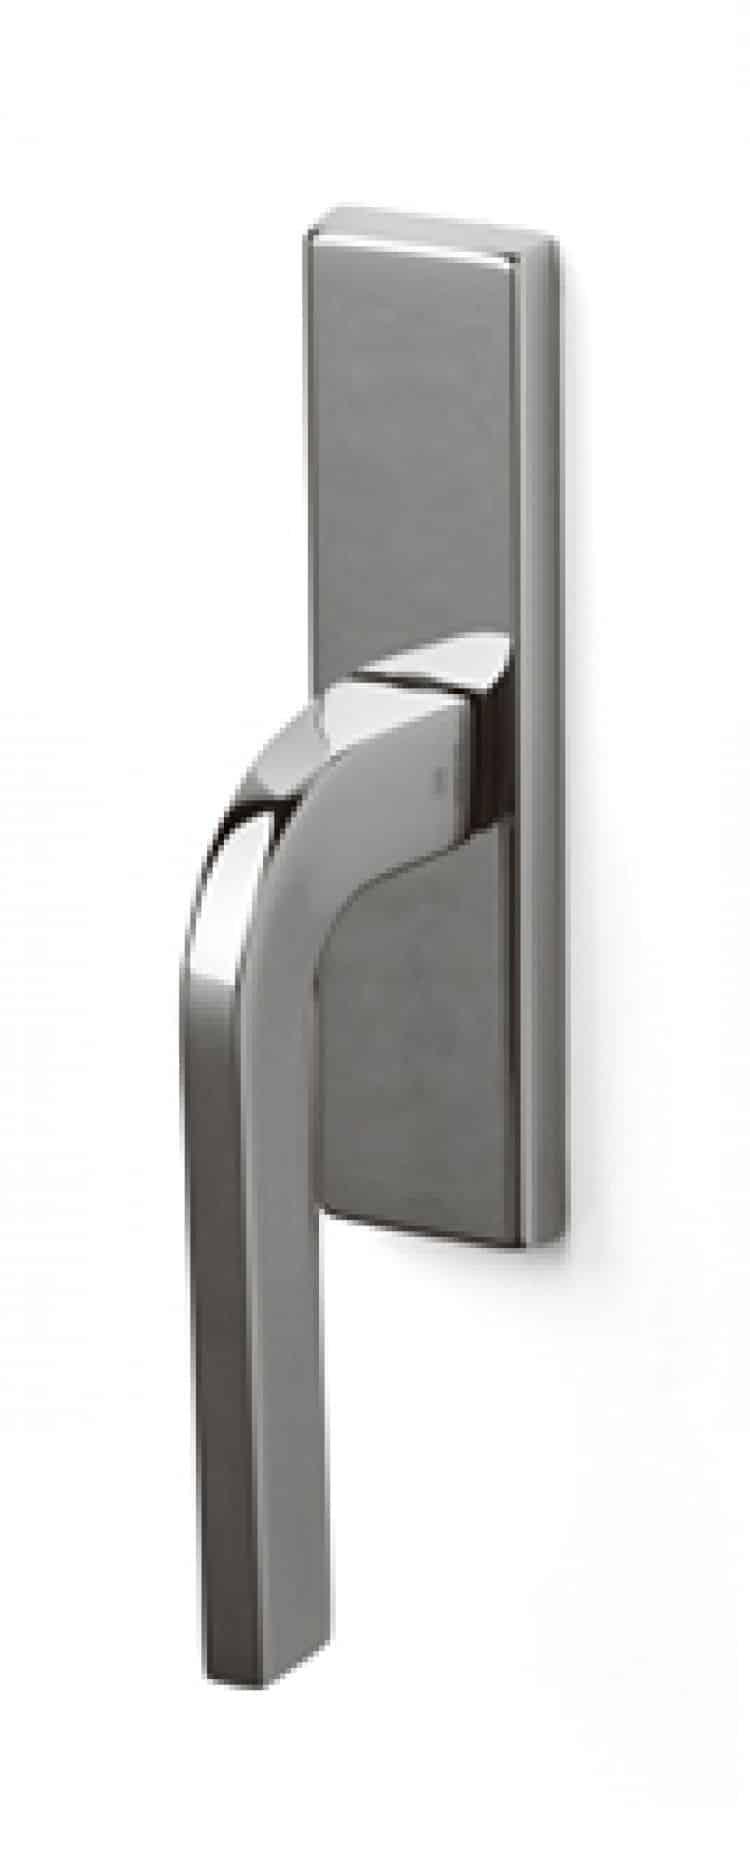 Maniglia olivari serie lesmo per finestre cremonese ottone biocromo lucido - Maniglie per finestre olivari ...